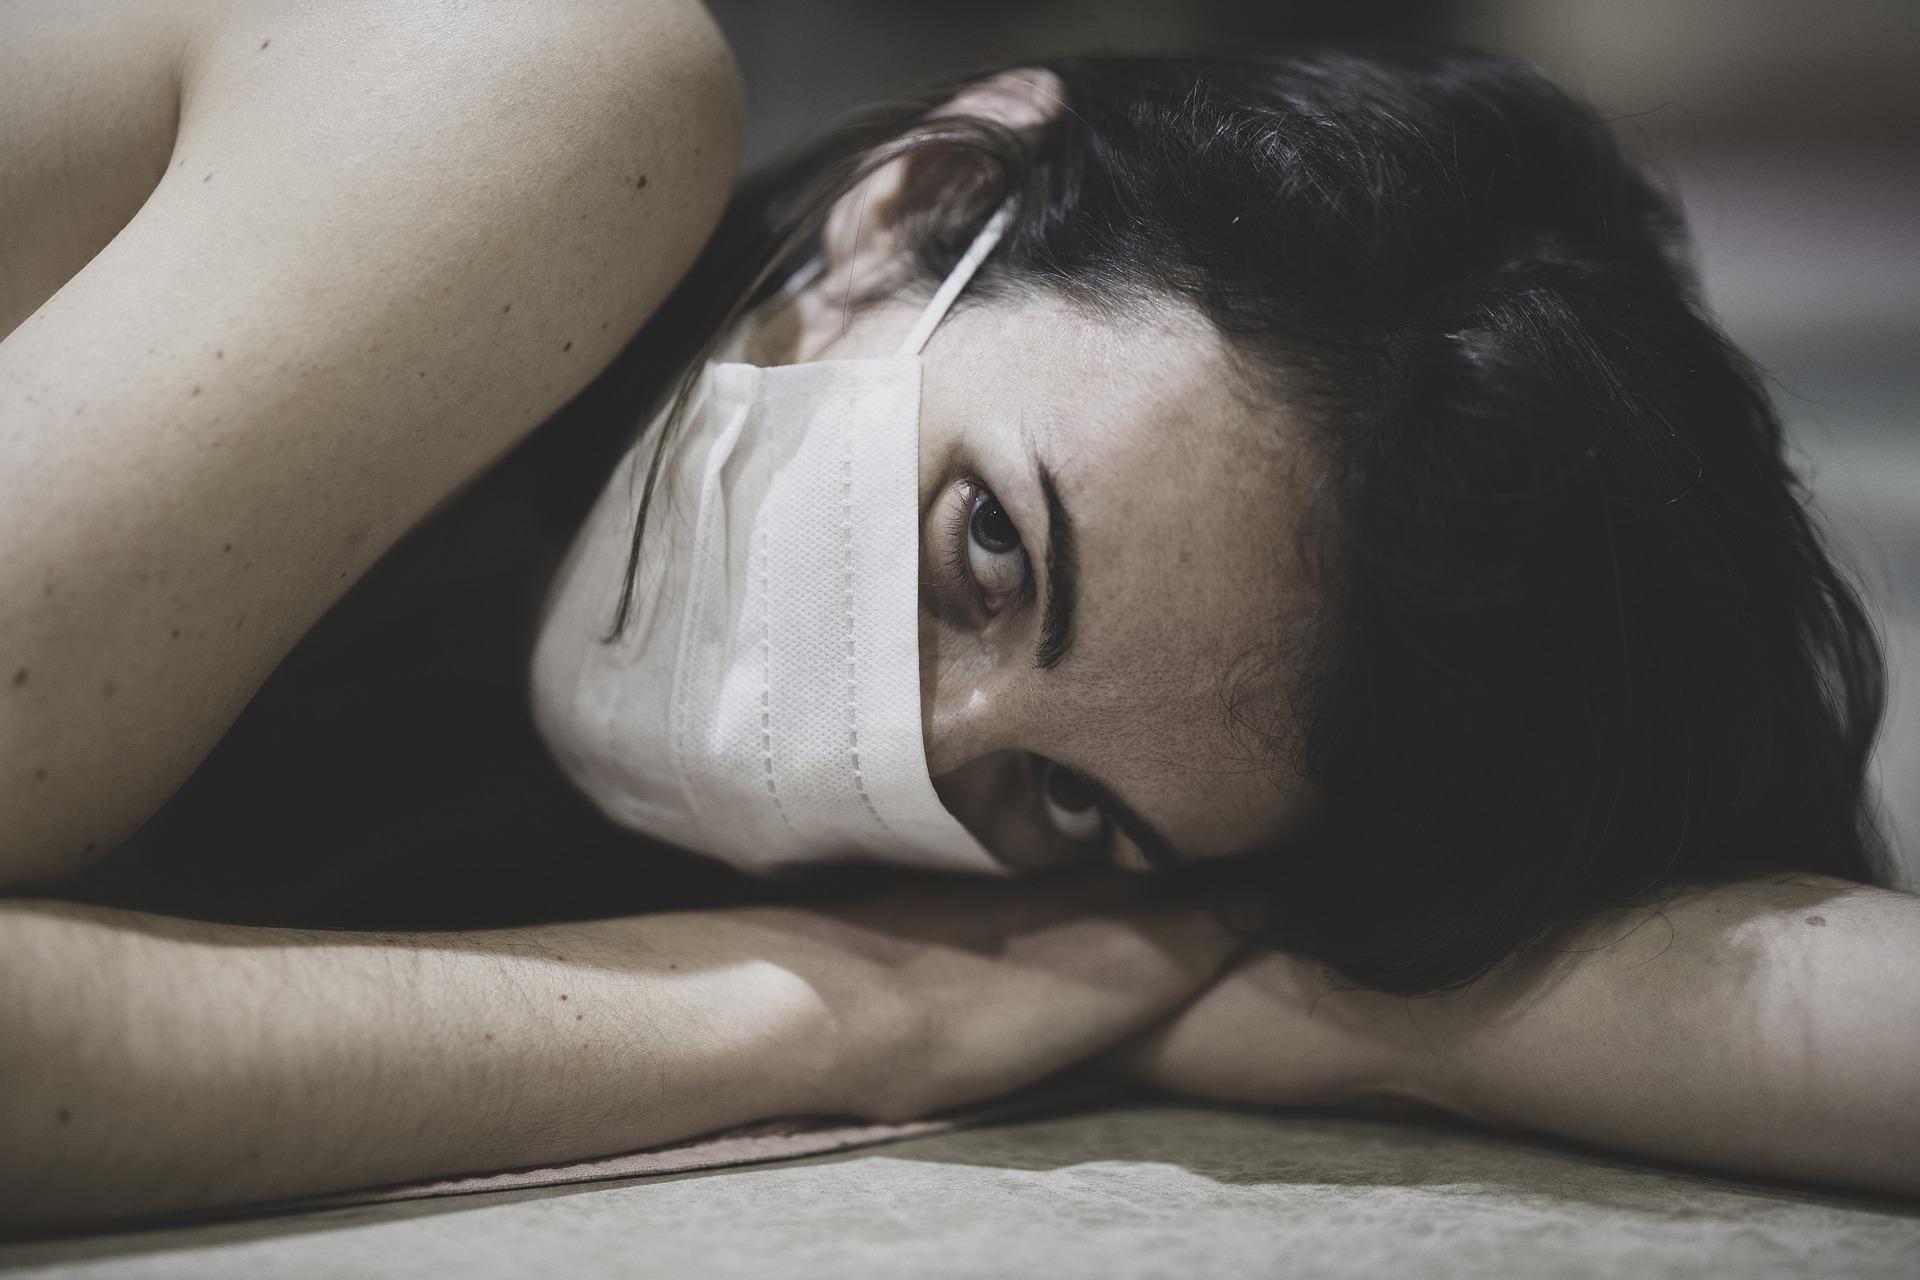 El 46% de la ciudadanía española ha tenido sentimientos depresivos durante la pandemia